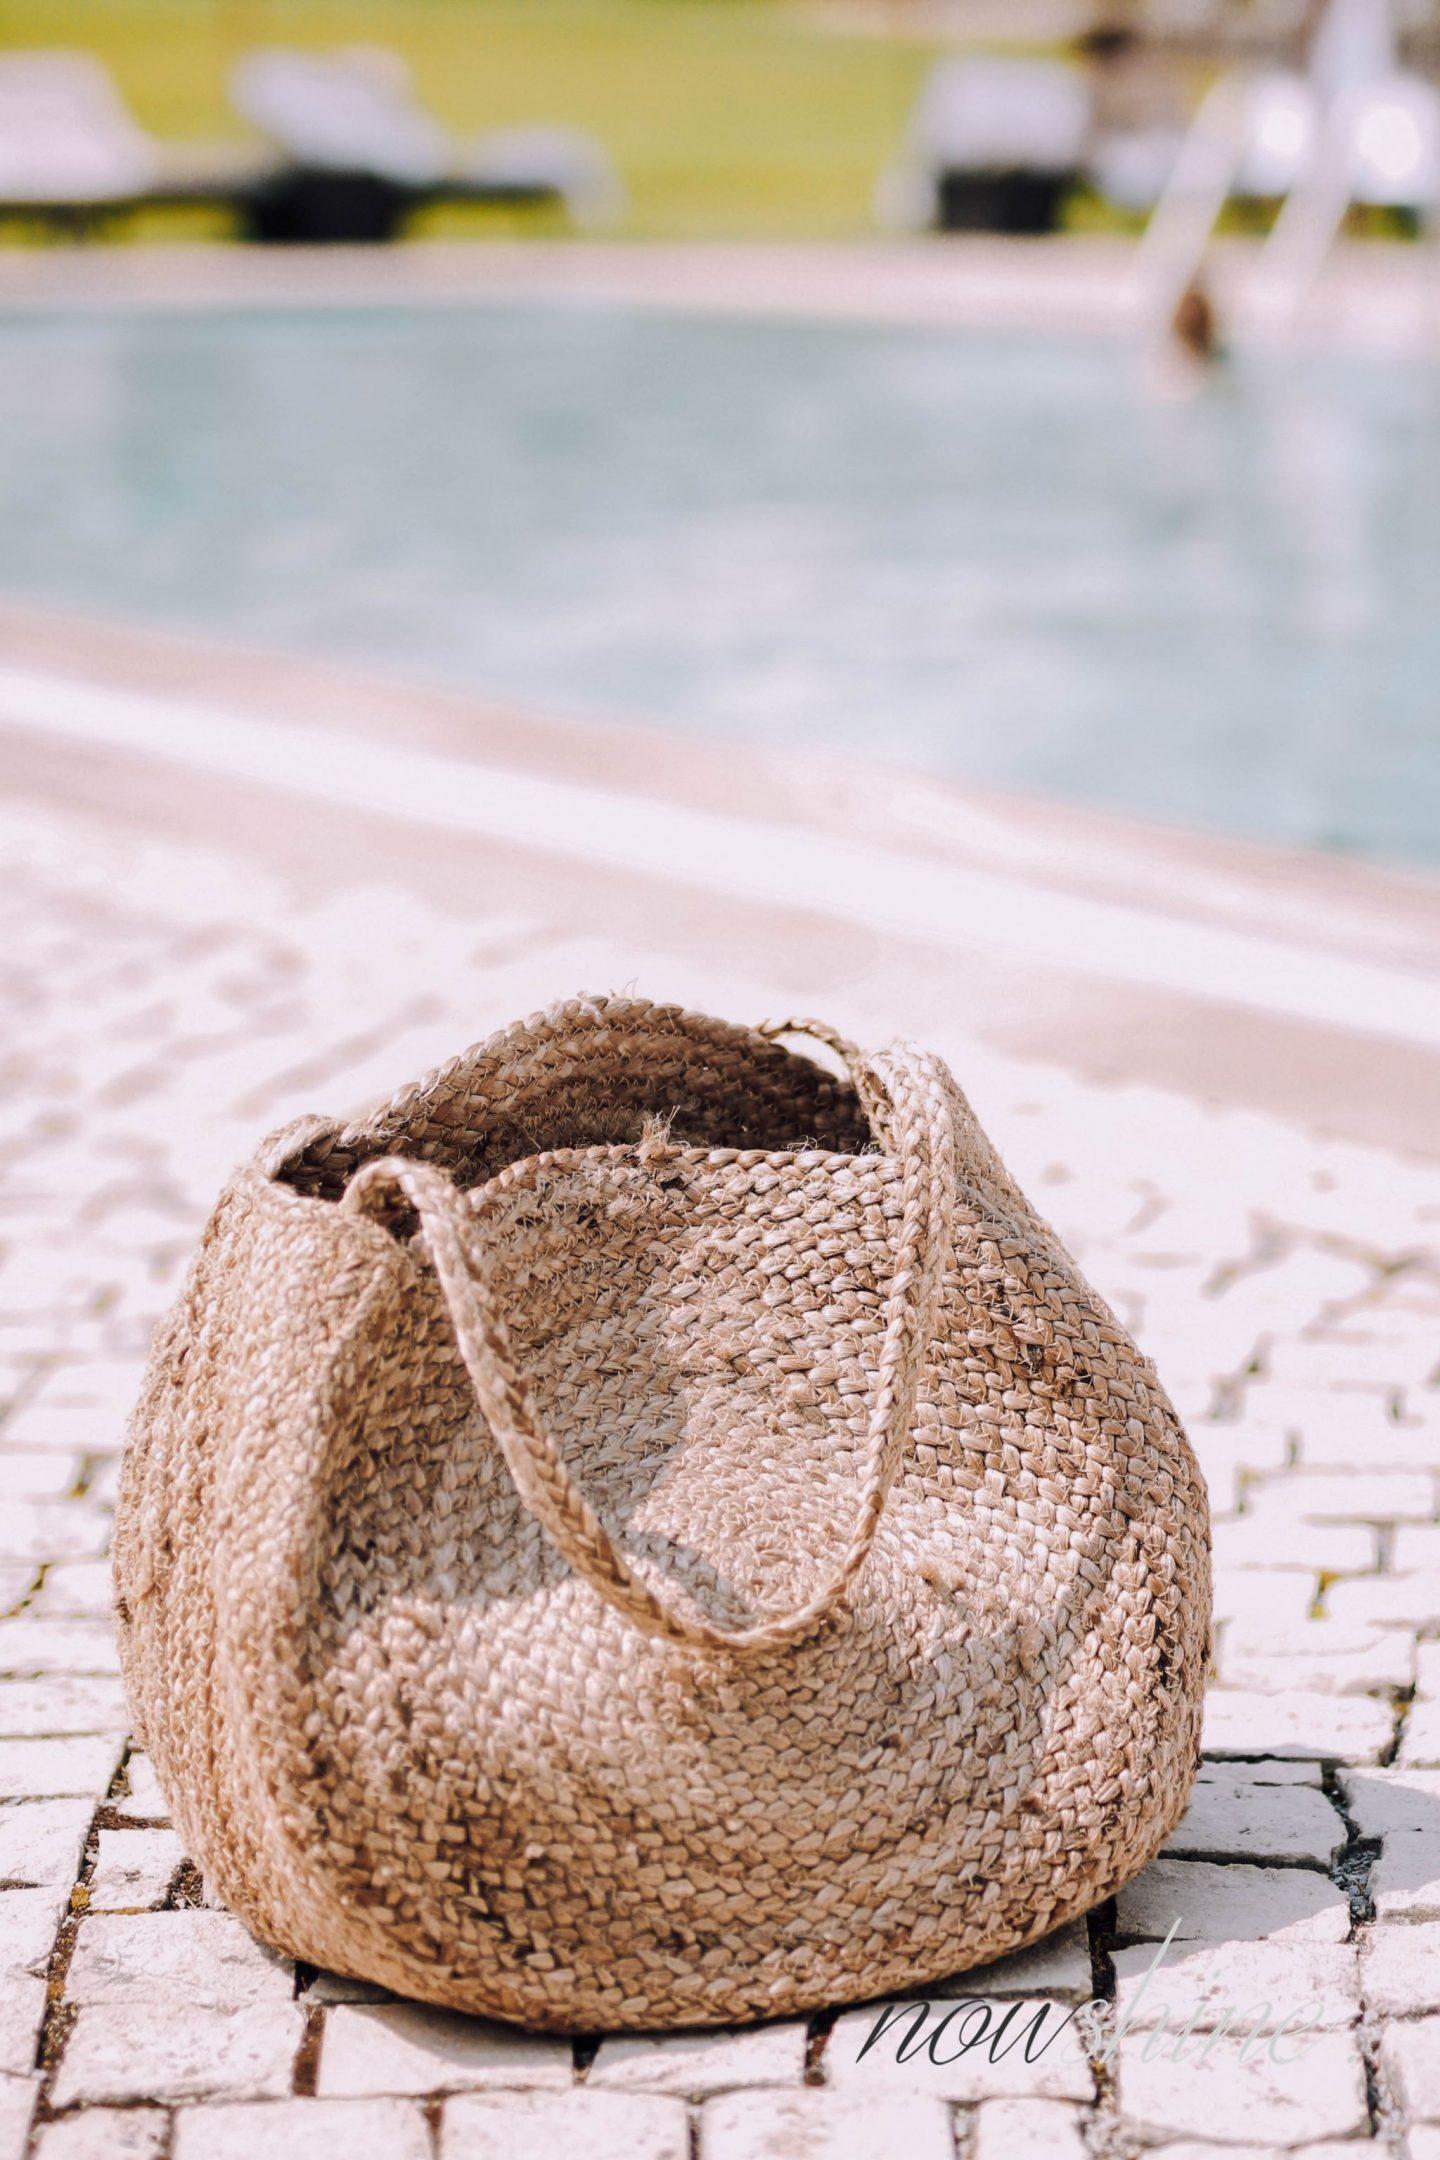 Luxuriöser Kurzurlaub im Relax- und Wellness Hotel Gräflicher Park Bad Driburg - Außenbereich Pool